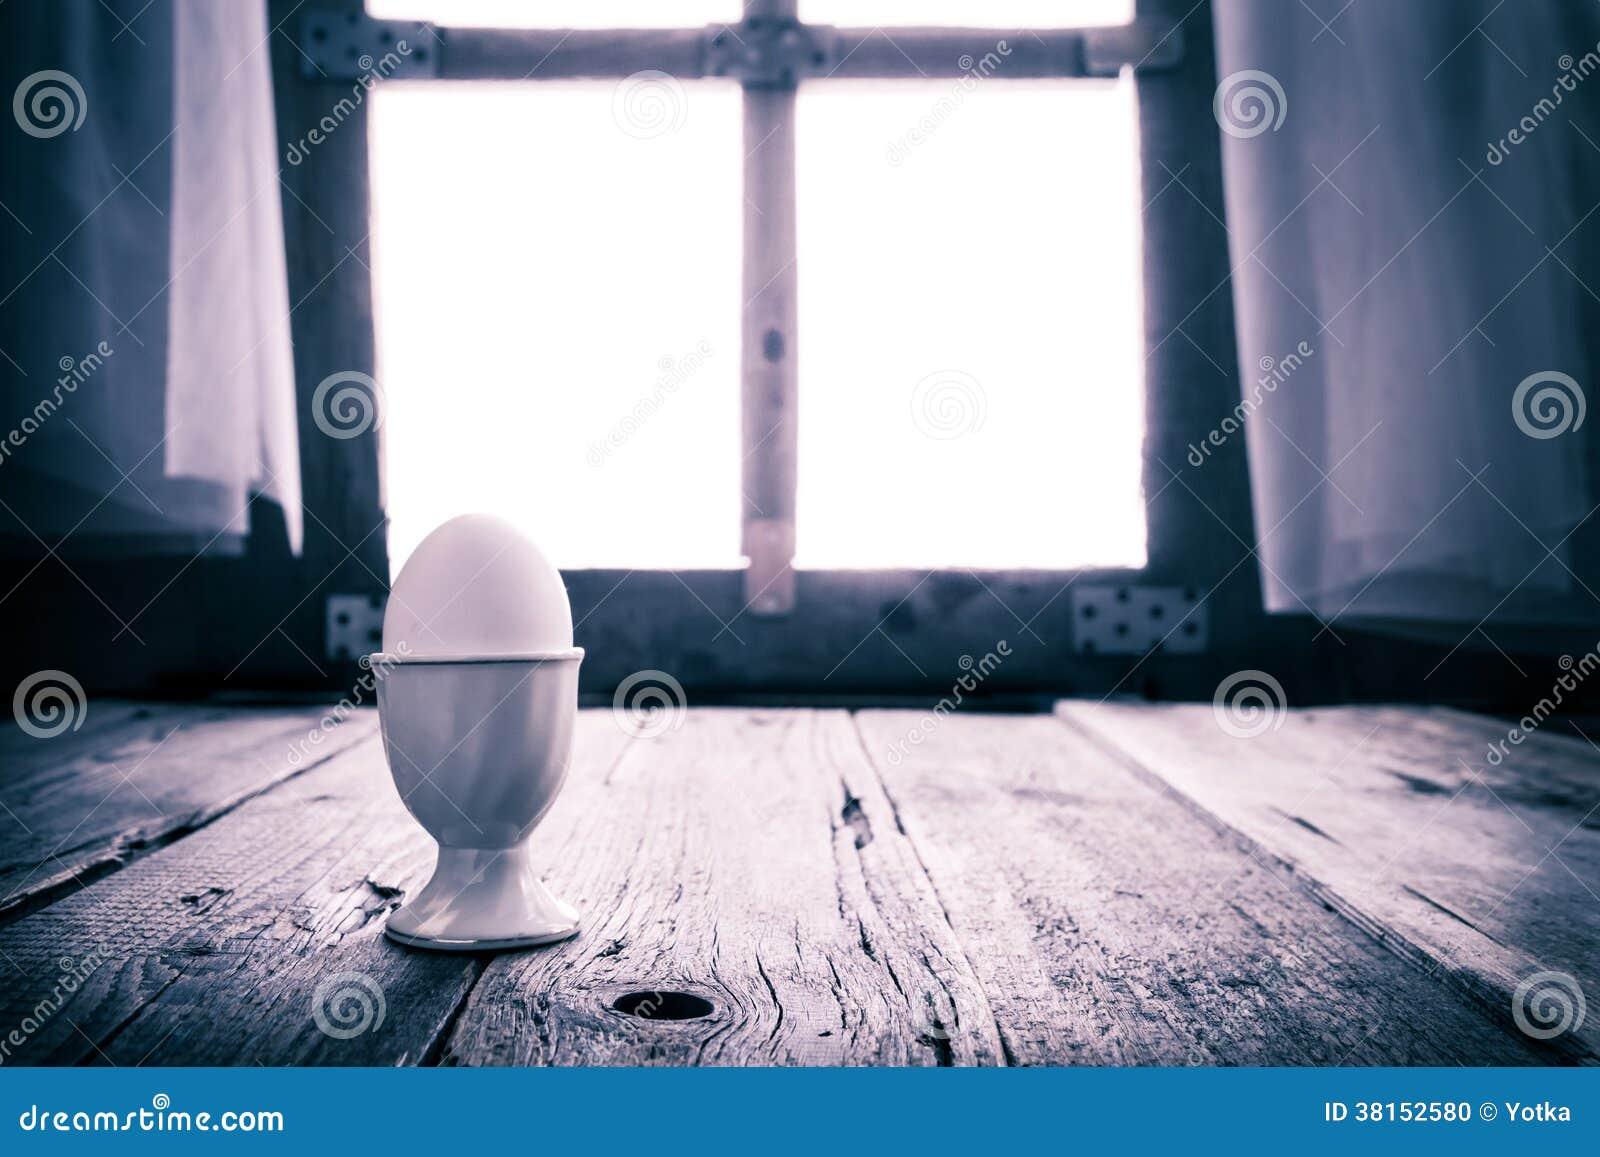 Rustikt Koksbord : lantligt koksbord  Staket Bygga staket bygglov Lantligt koksbord